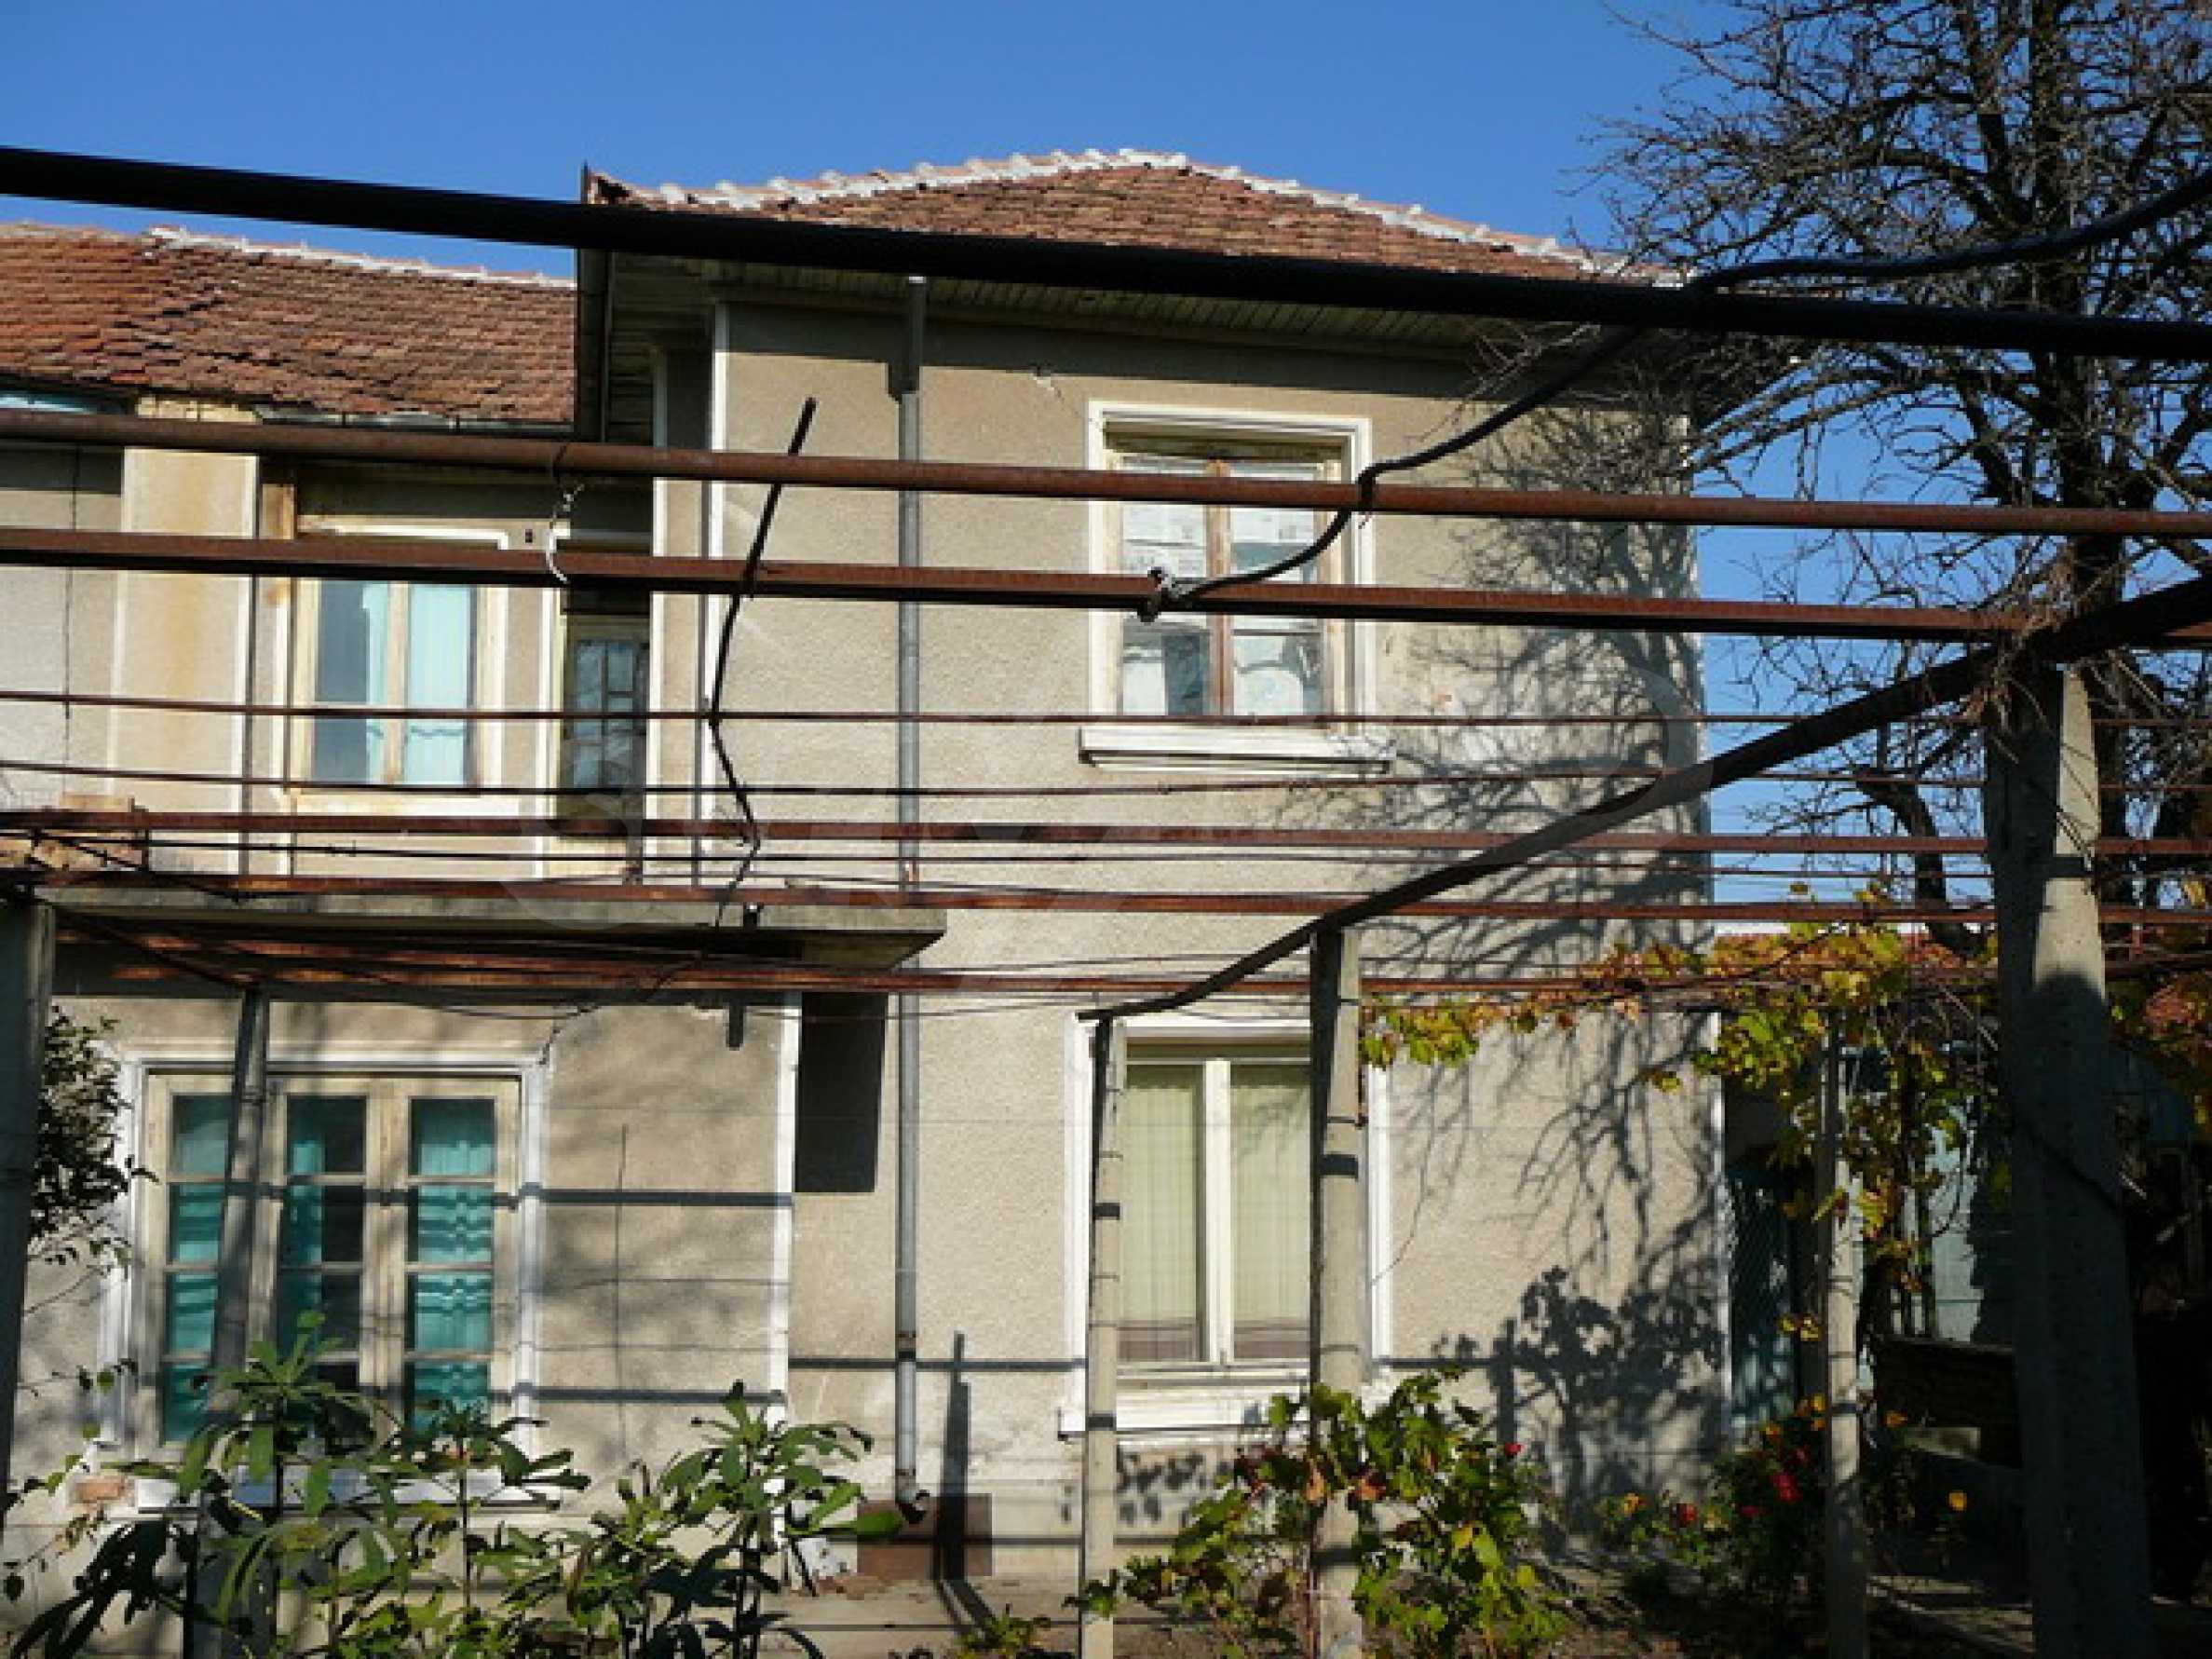 Къща за продажба близо до гр. Велико Търново 27